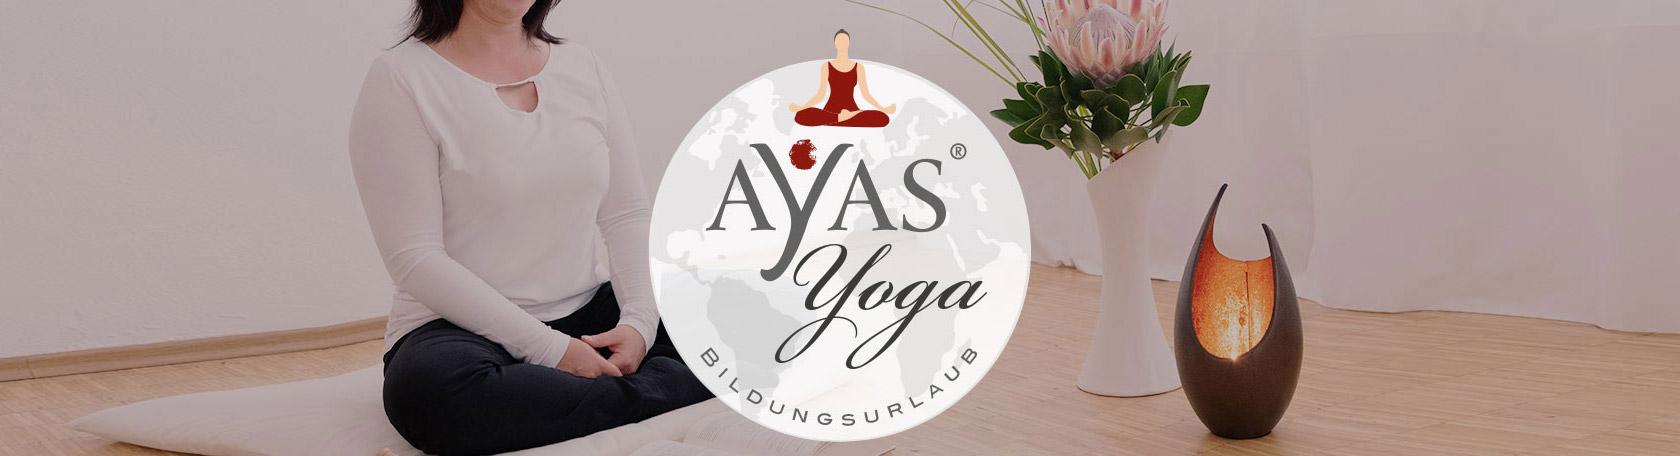 Meditation Yoga Und Stressbewaltigung Im Bildungsurlaub Und Gesundheitsurlaub An Der Ayas Yoga Akademie In Bad Hindelang Im Allgau Bayern Ayas Yoga Akademie